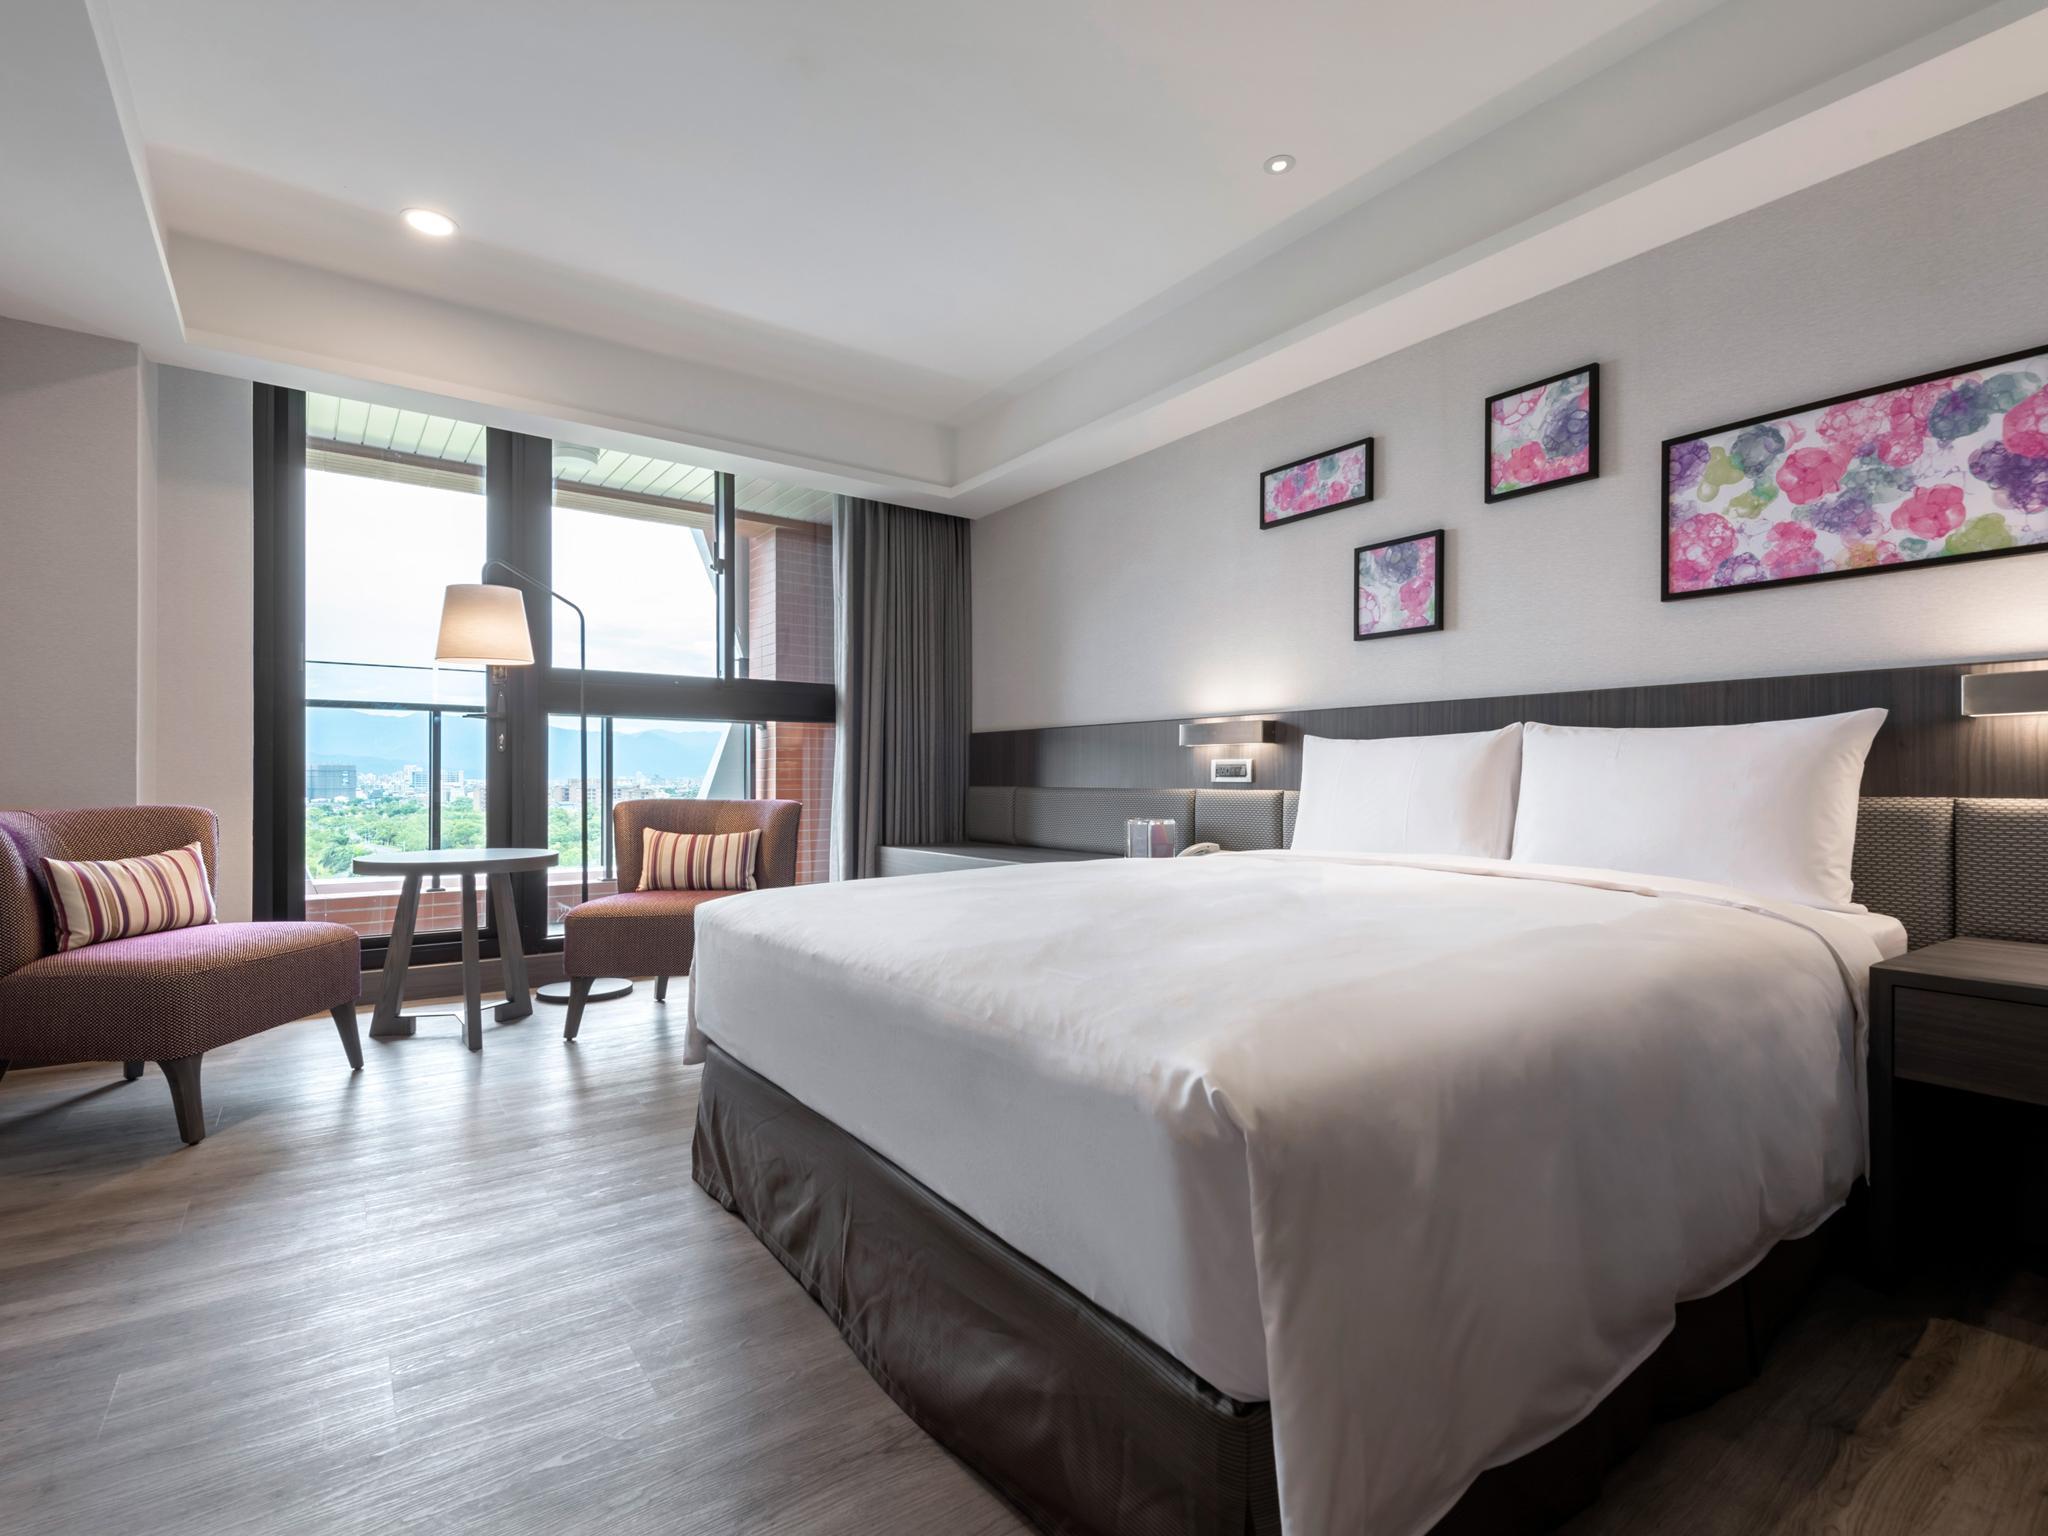 宜蘭縣煙波大飯店宜蘭館 (Lakeshore Hotel Yilan) - Agoda 提供行程前一刻網上即時優惠價格訂房服務